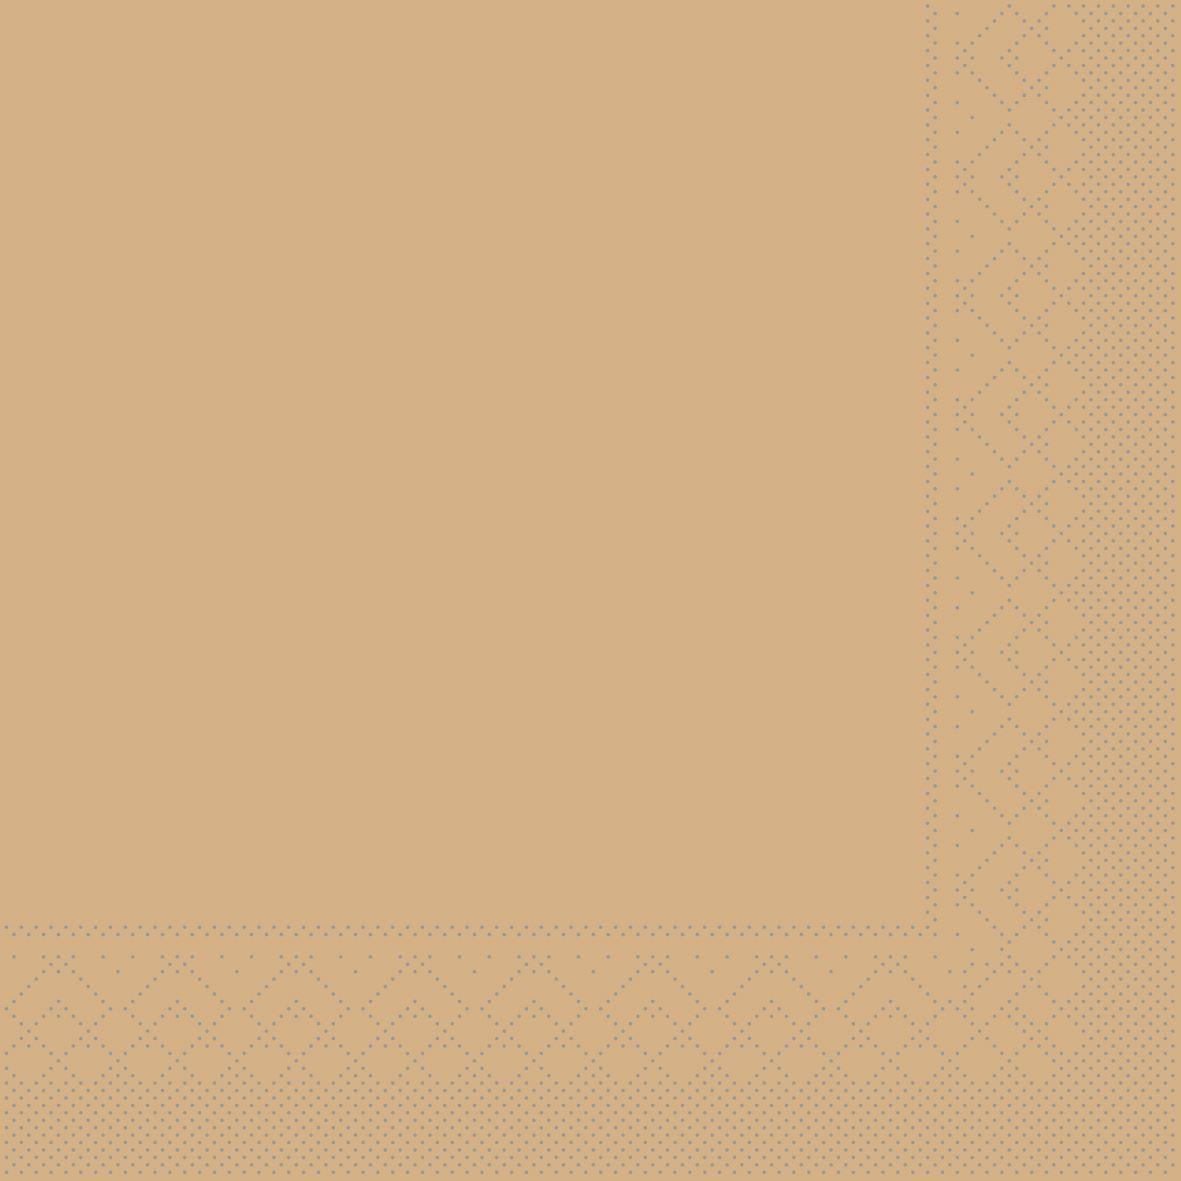 Serwetki chusteczki 33x33 cm - BASIC  SAND  33x33 cm 1/4 Falz